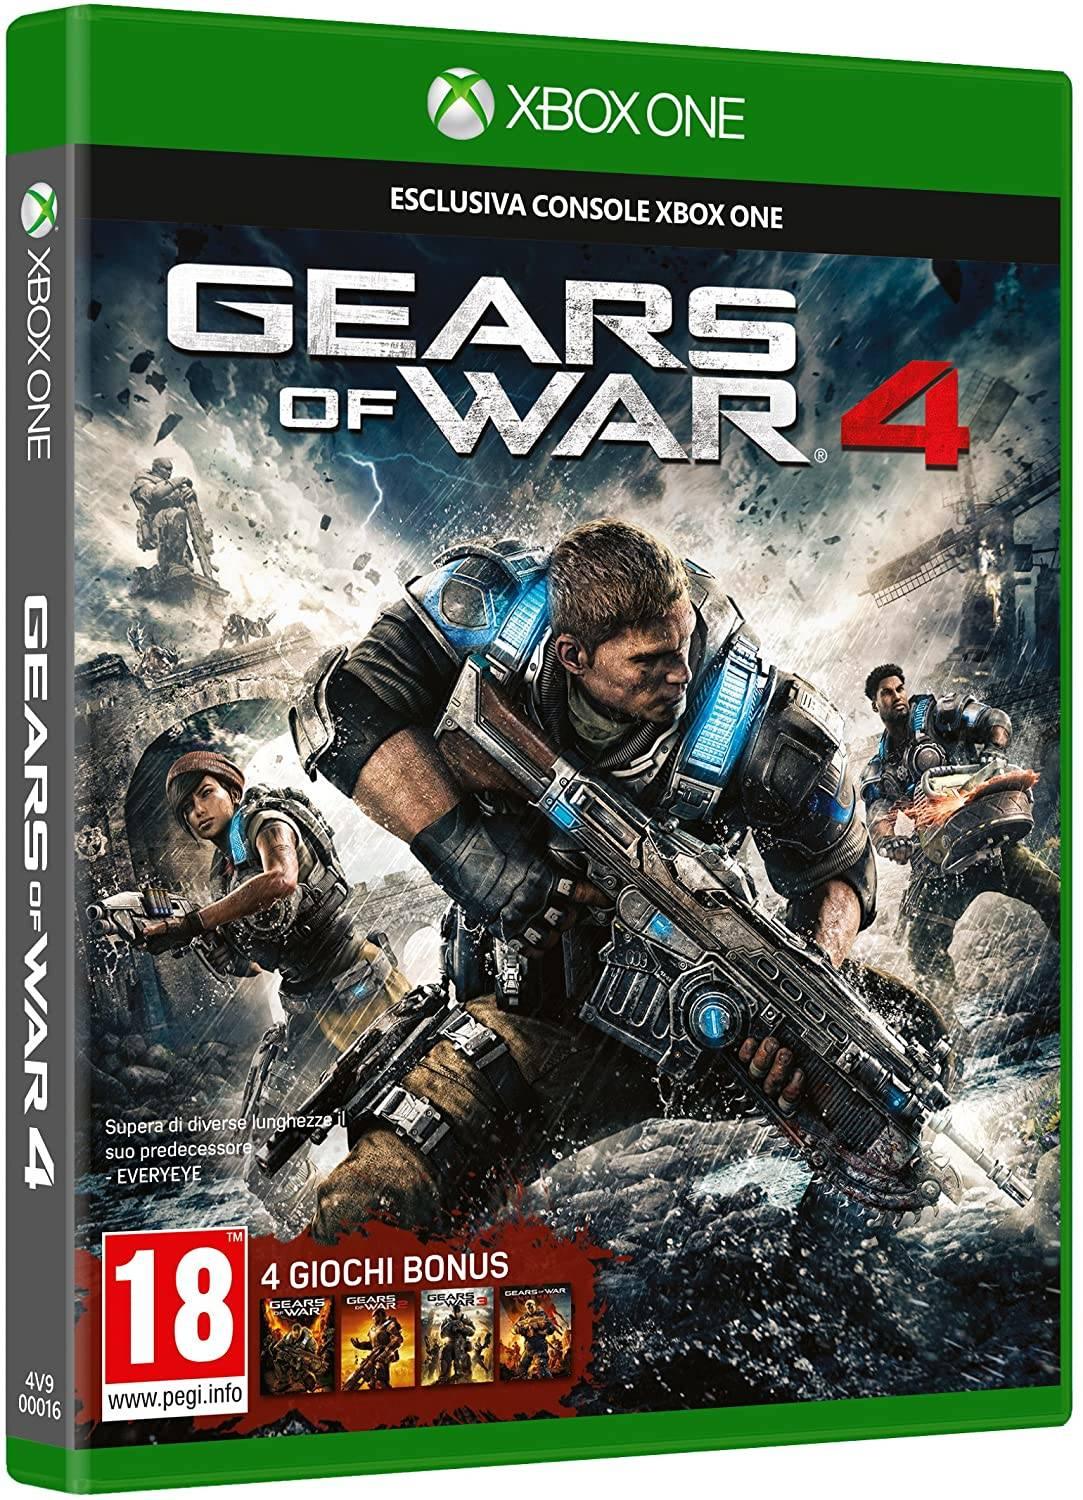 Giochi Xbox One a 20 euro